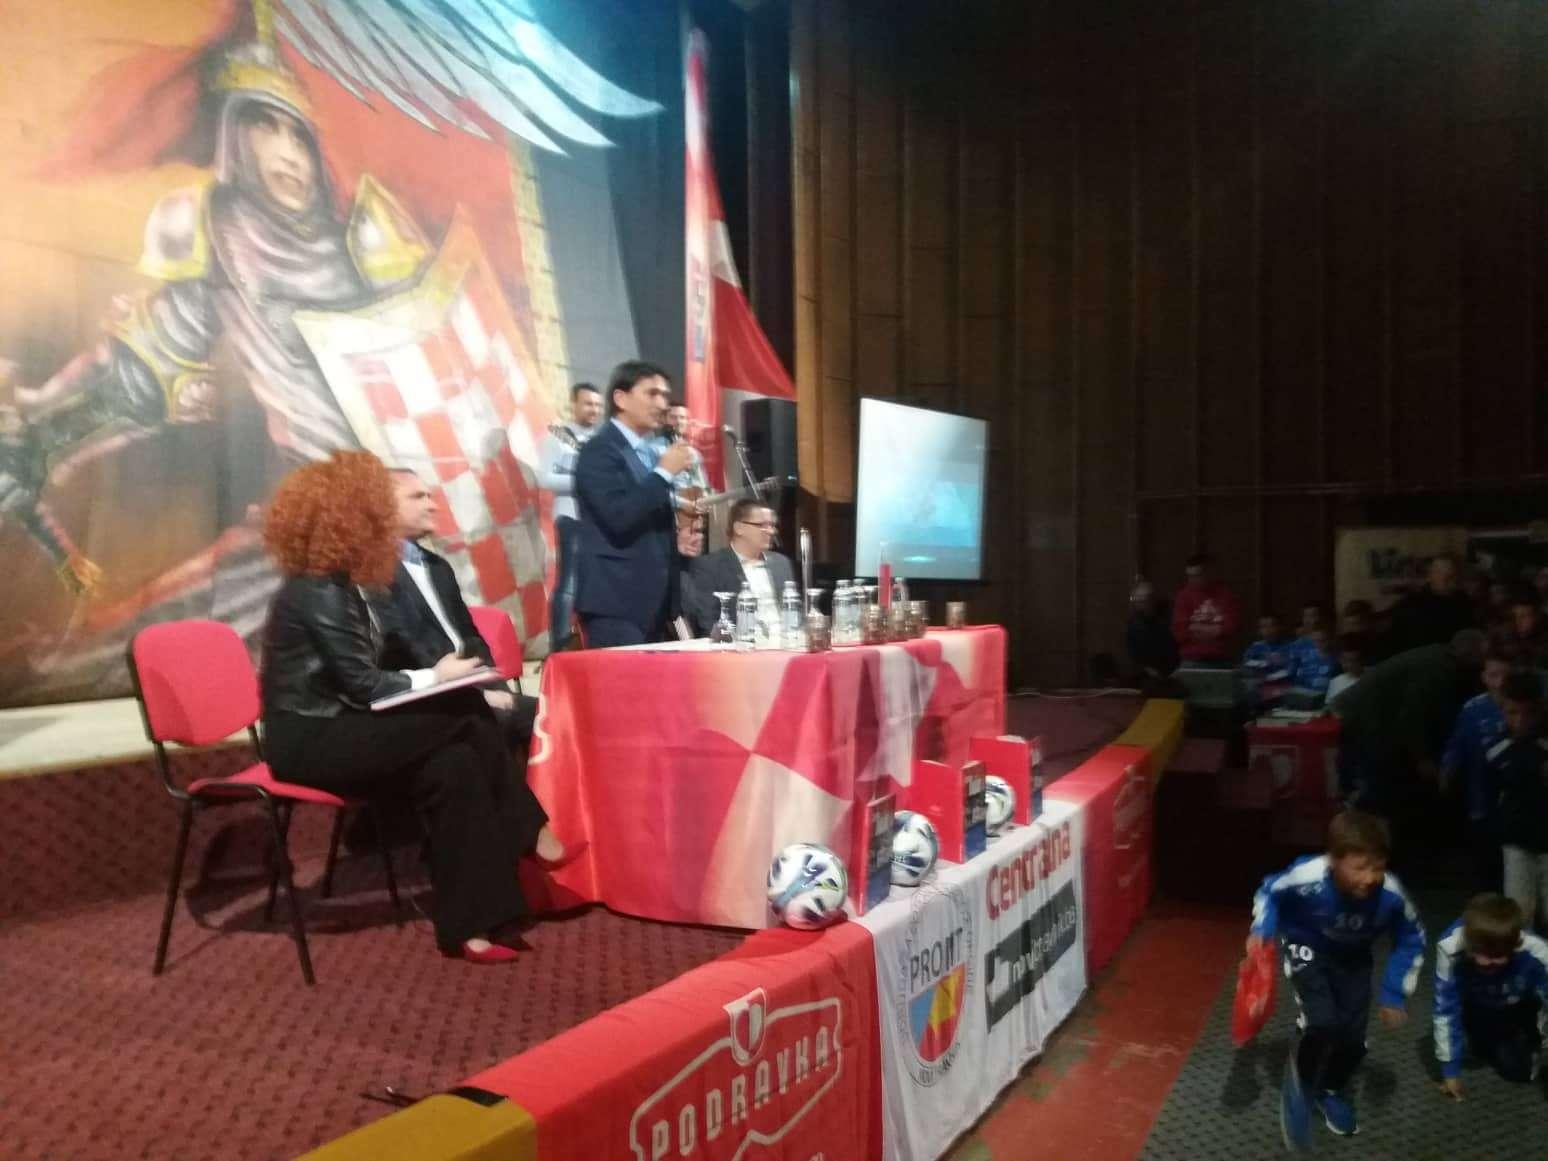 U Novom Travniku promovirana knjiga 'Rusija naših snova' Zlatka Dalića (VIDEO)